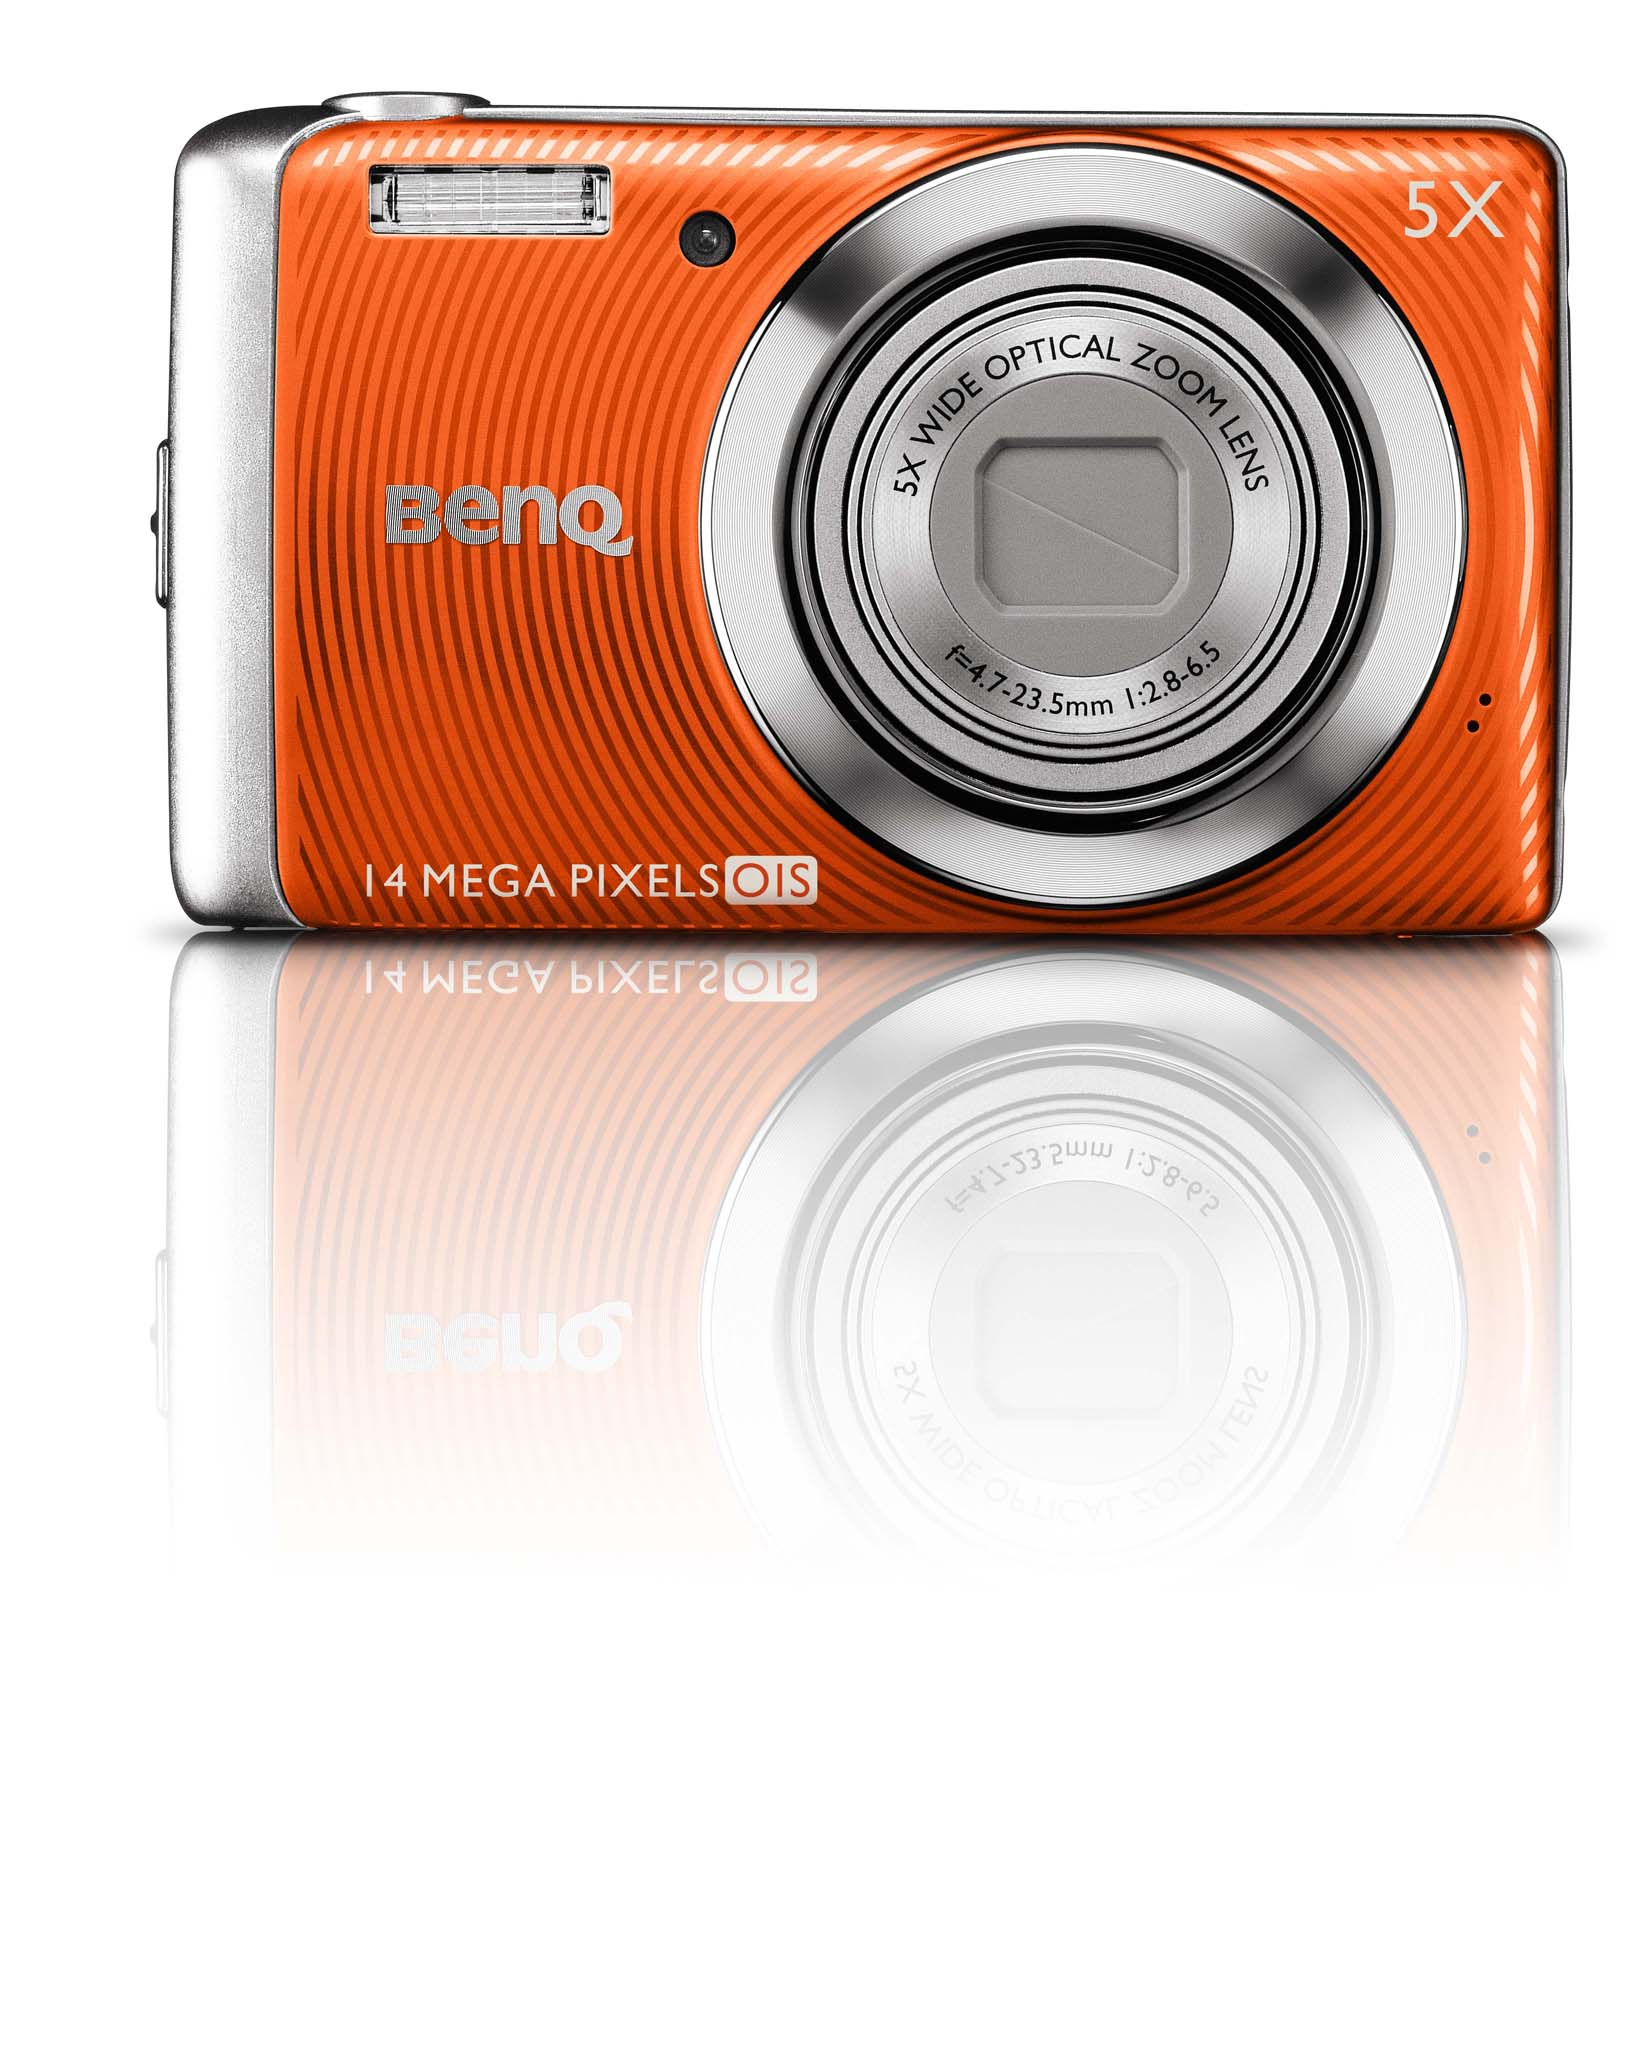 BenQ 智慧型光學防手震相機照相機